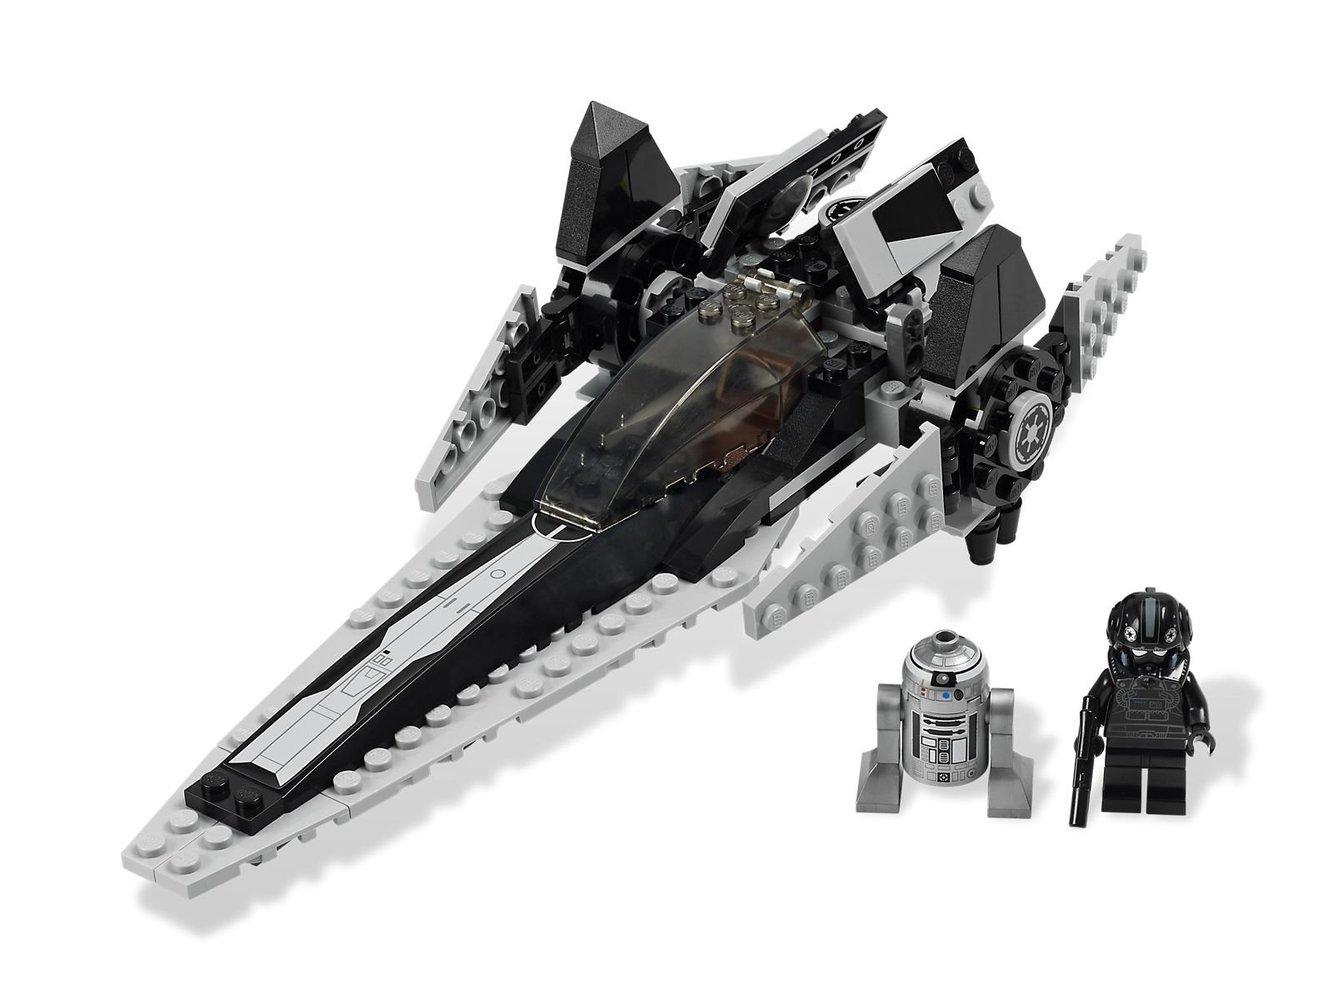 Imperial V-wing Starfighter